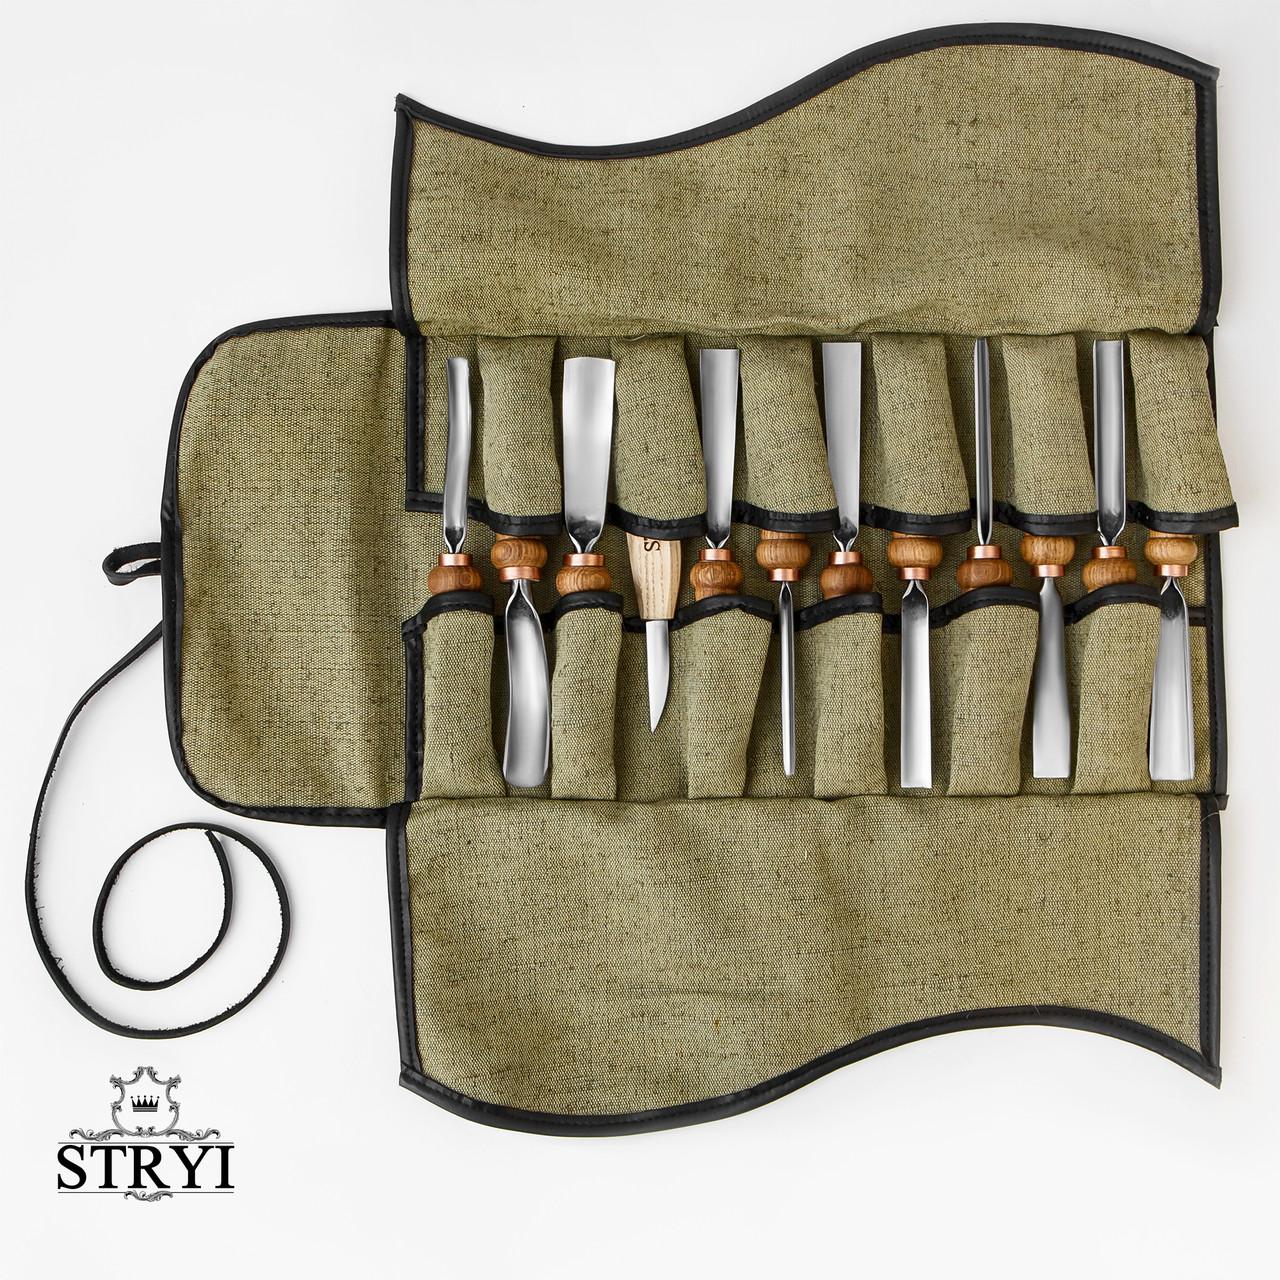 Чехол-скатка на 12 стамесок, от производителя STRYI